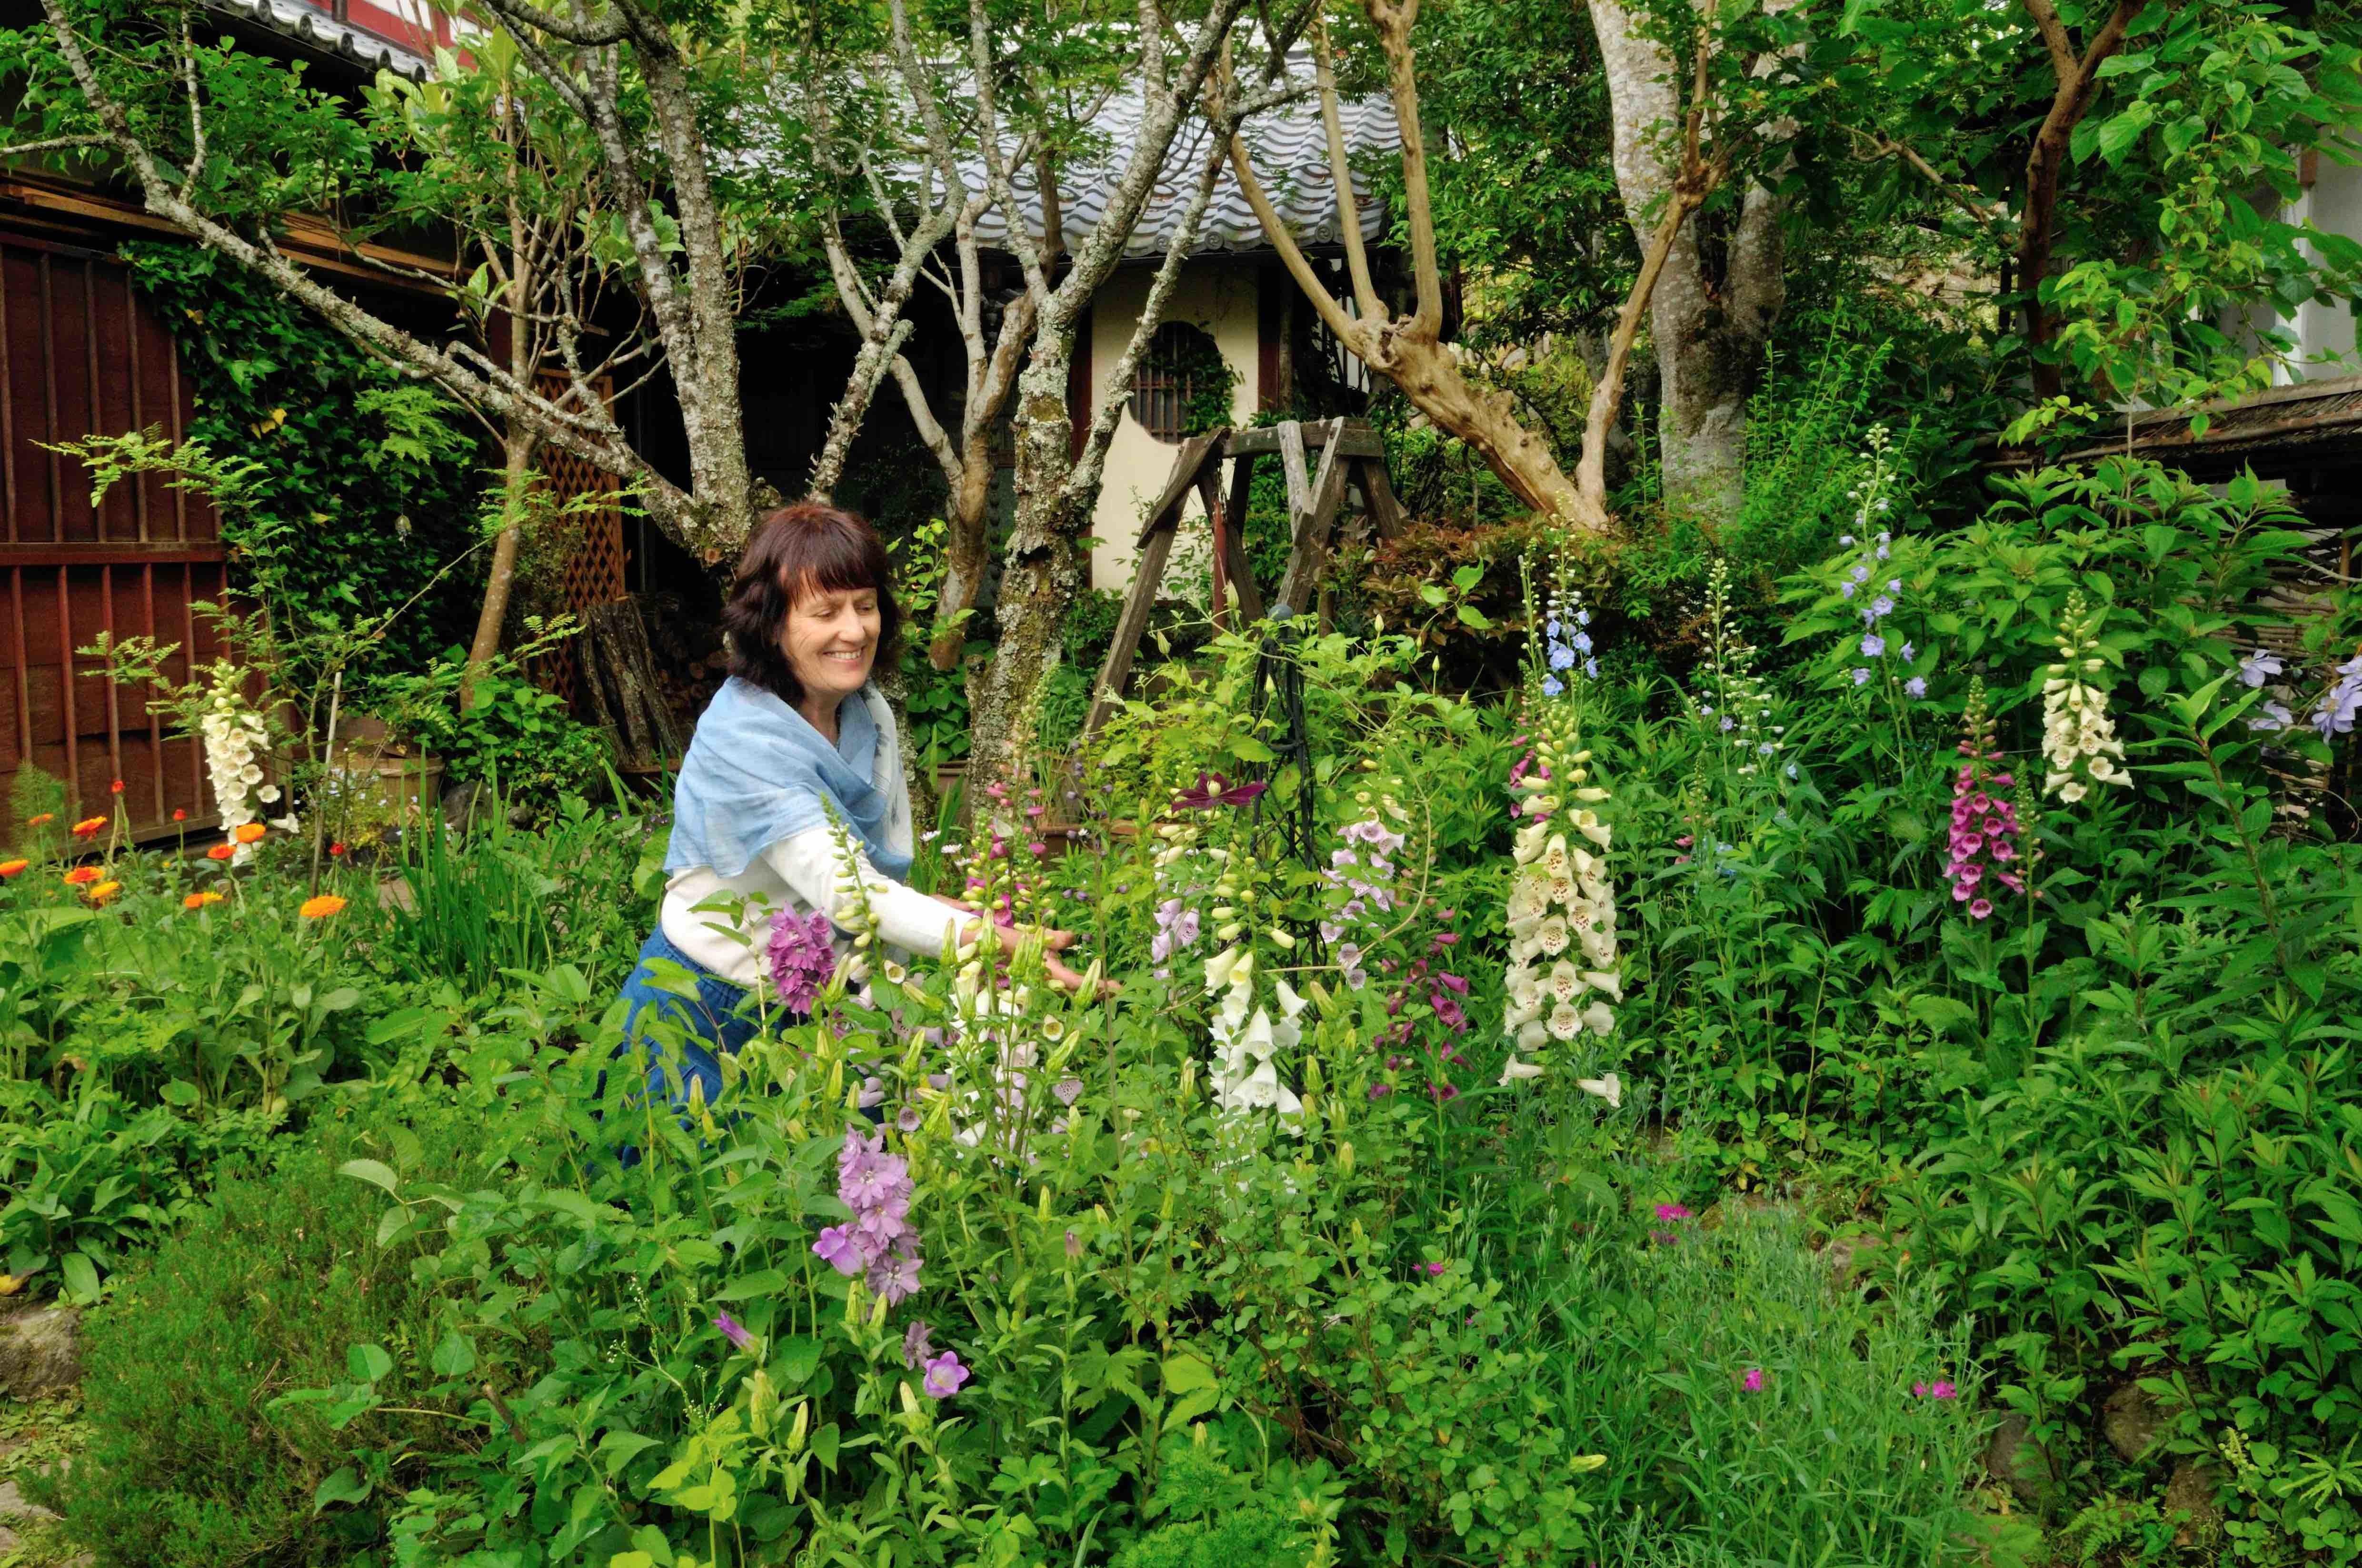 京都大原の庭とキッチンから ベニシアさんの手づくり暮らし展